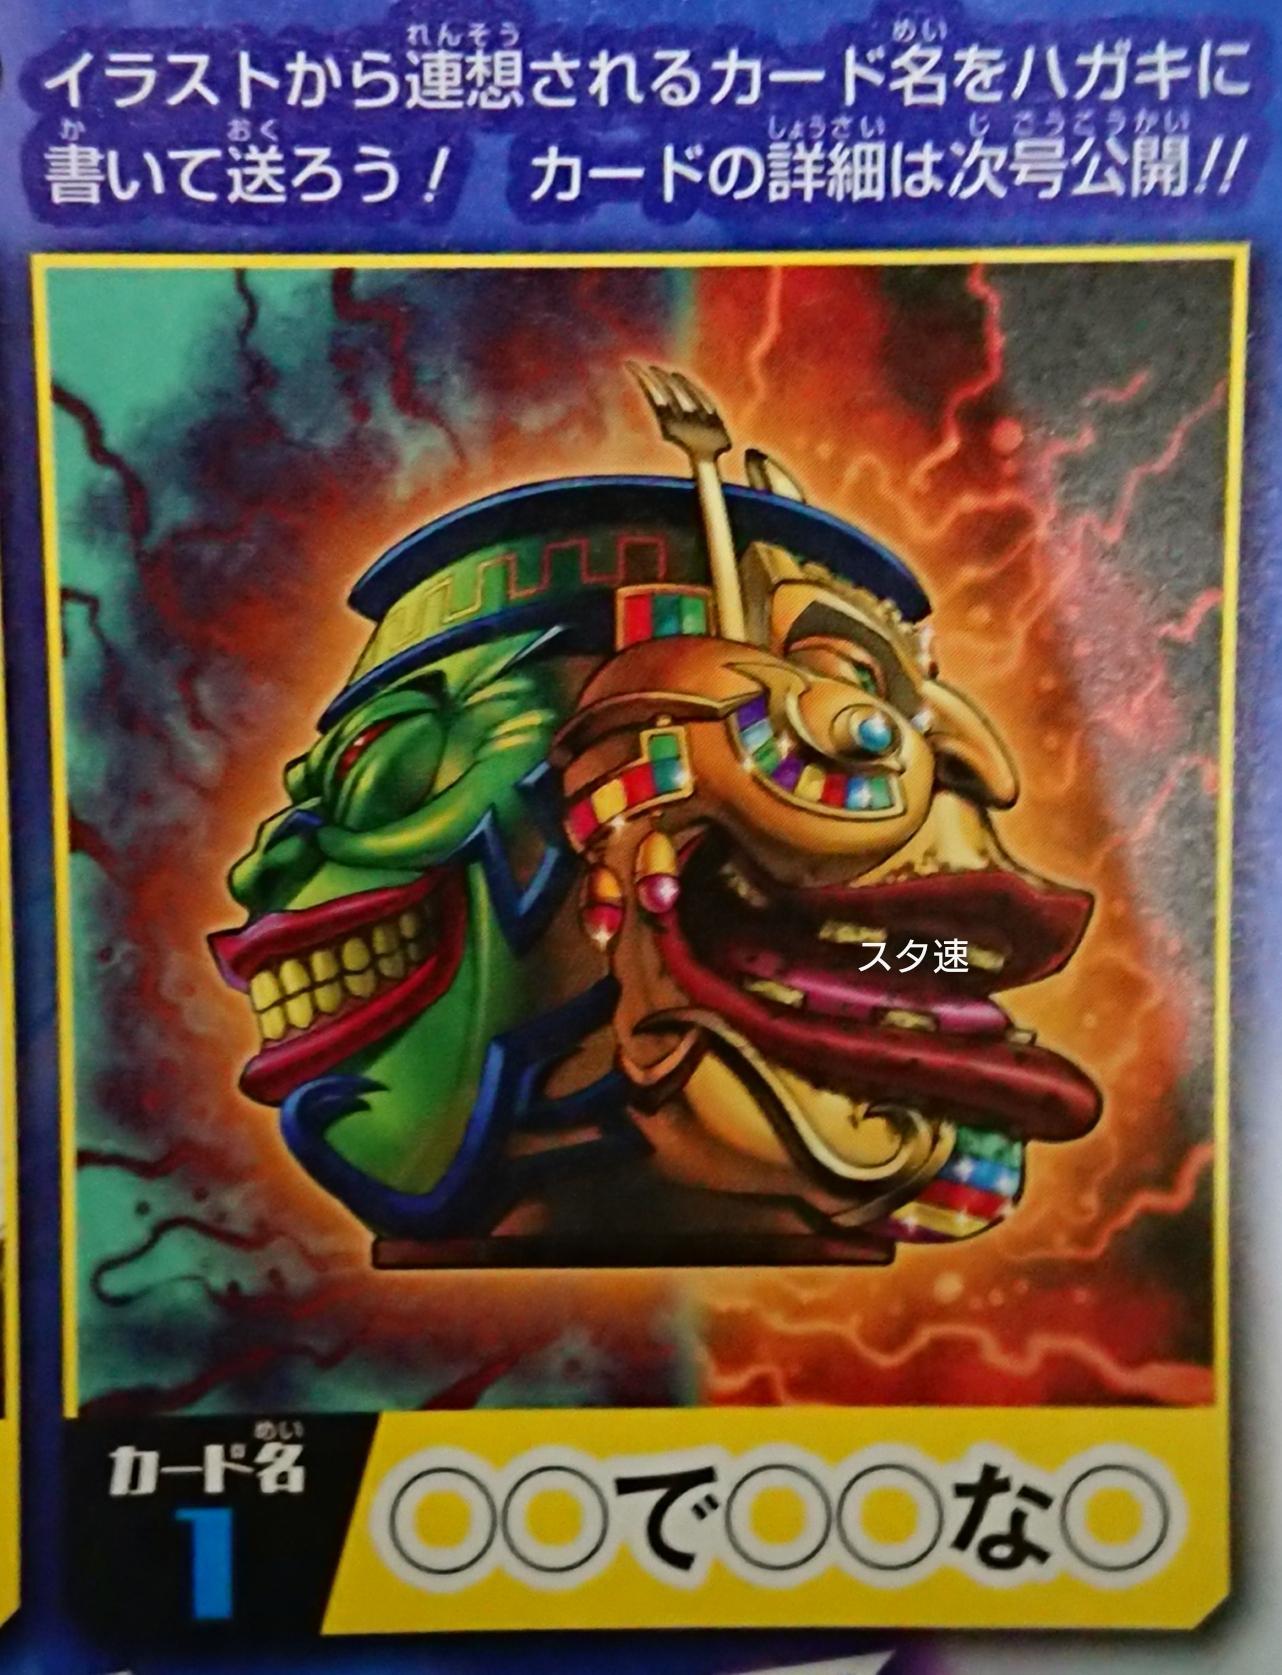 Νέες Κυκλοφορίες στο Yu-Gi-Oh! OCG - Σελίδα 31 02005789